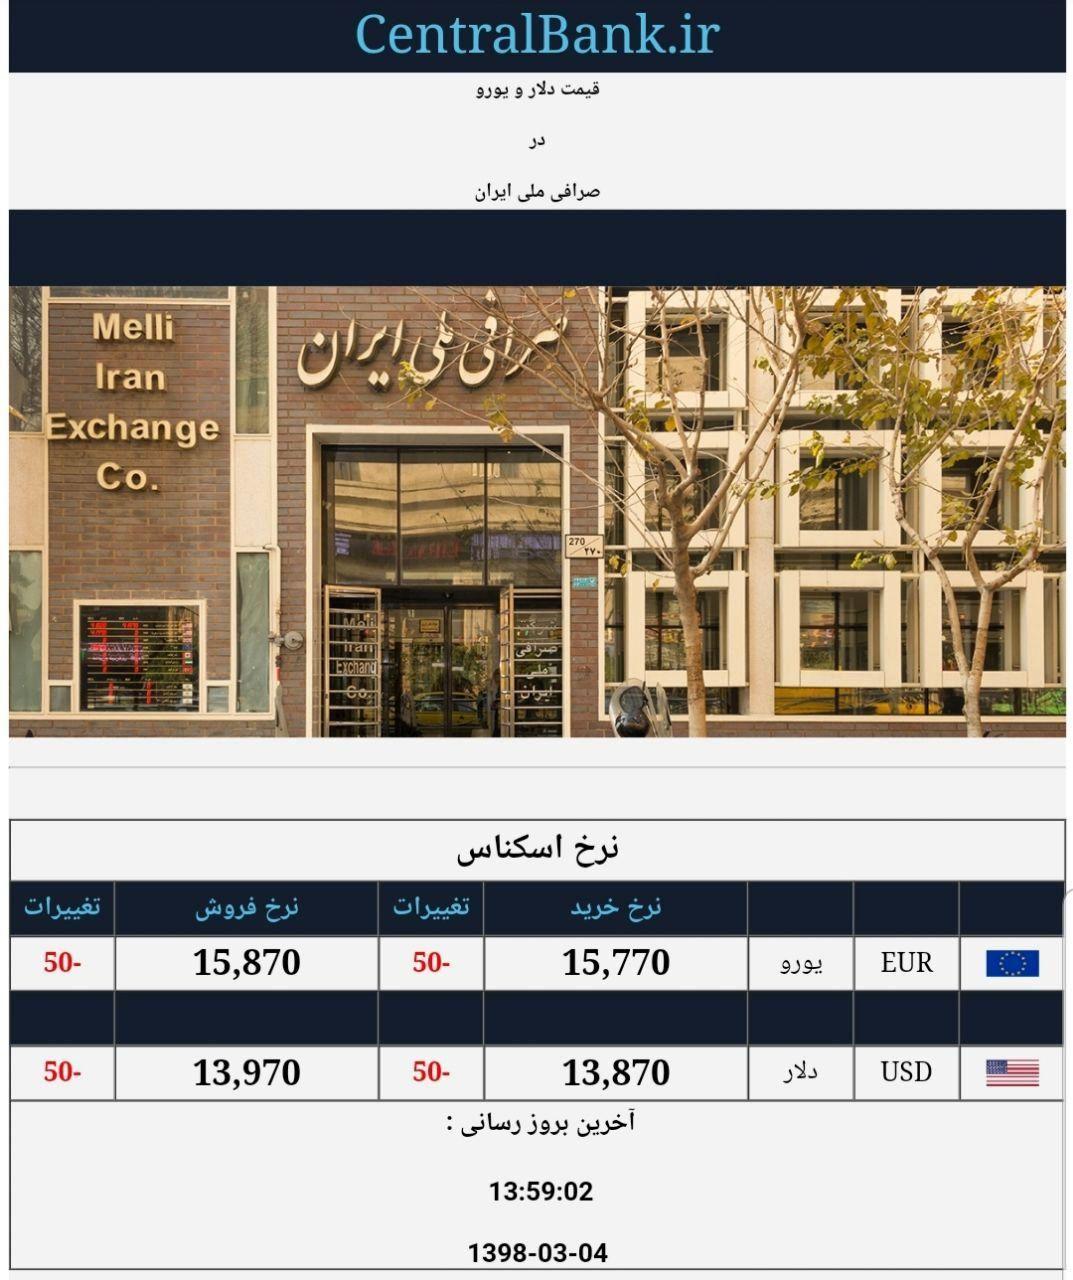 قیمت دلار و یورو در صرافی ملی امروز ۱۳۹۸/۰۳/۰۴